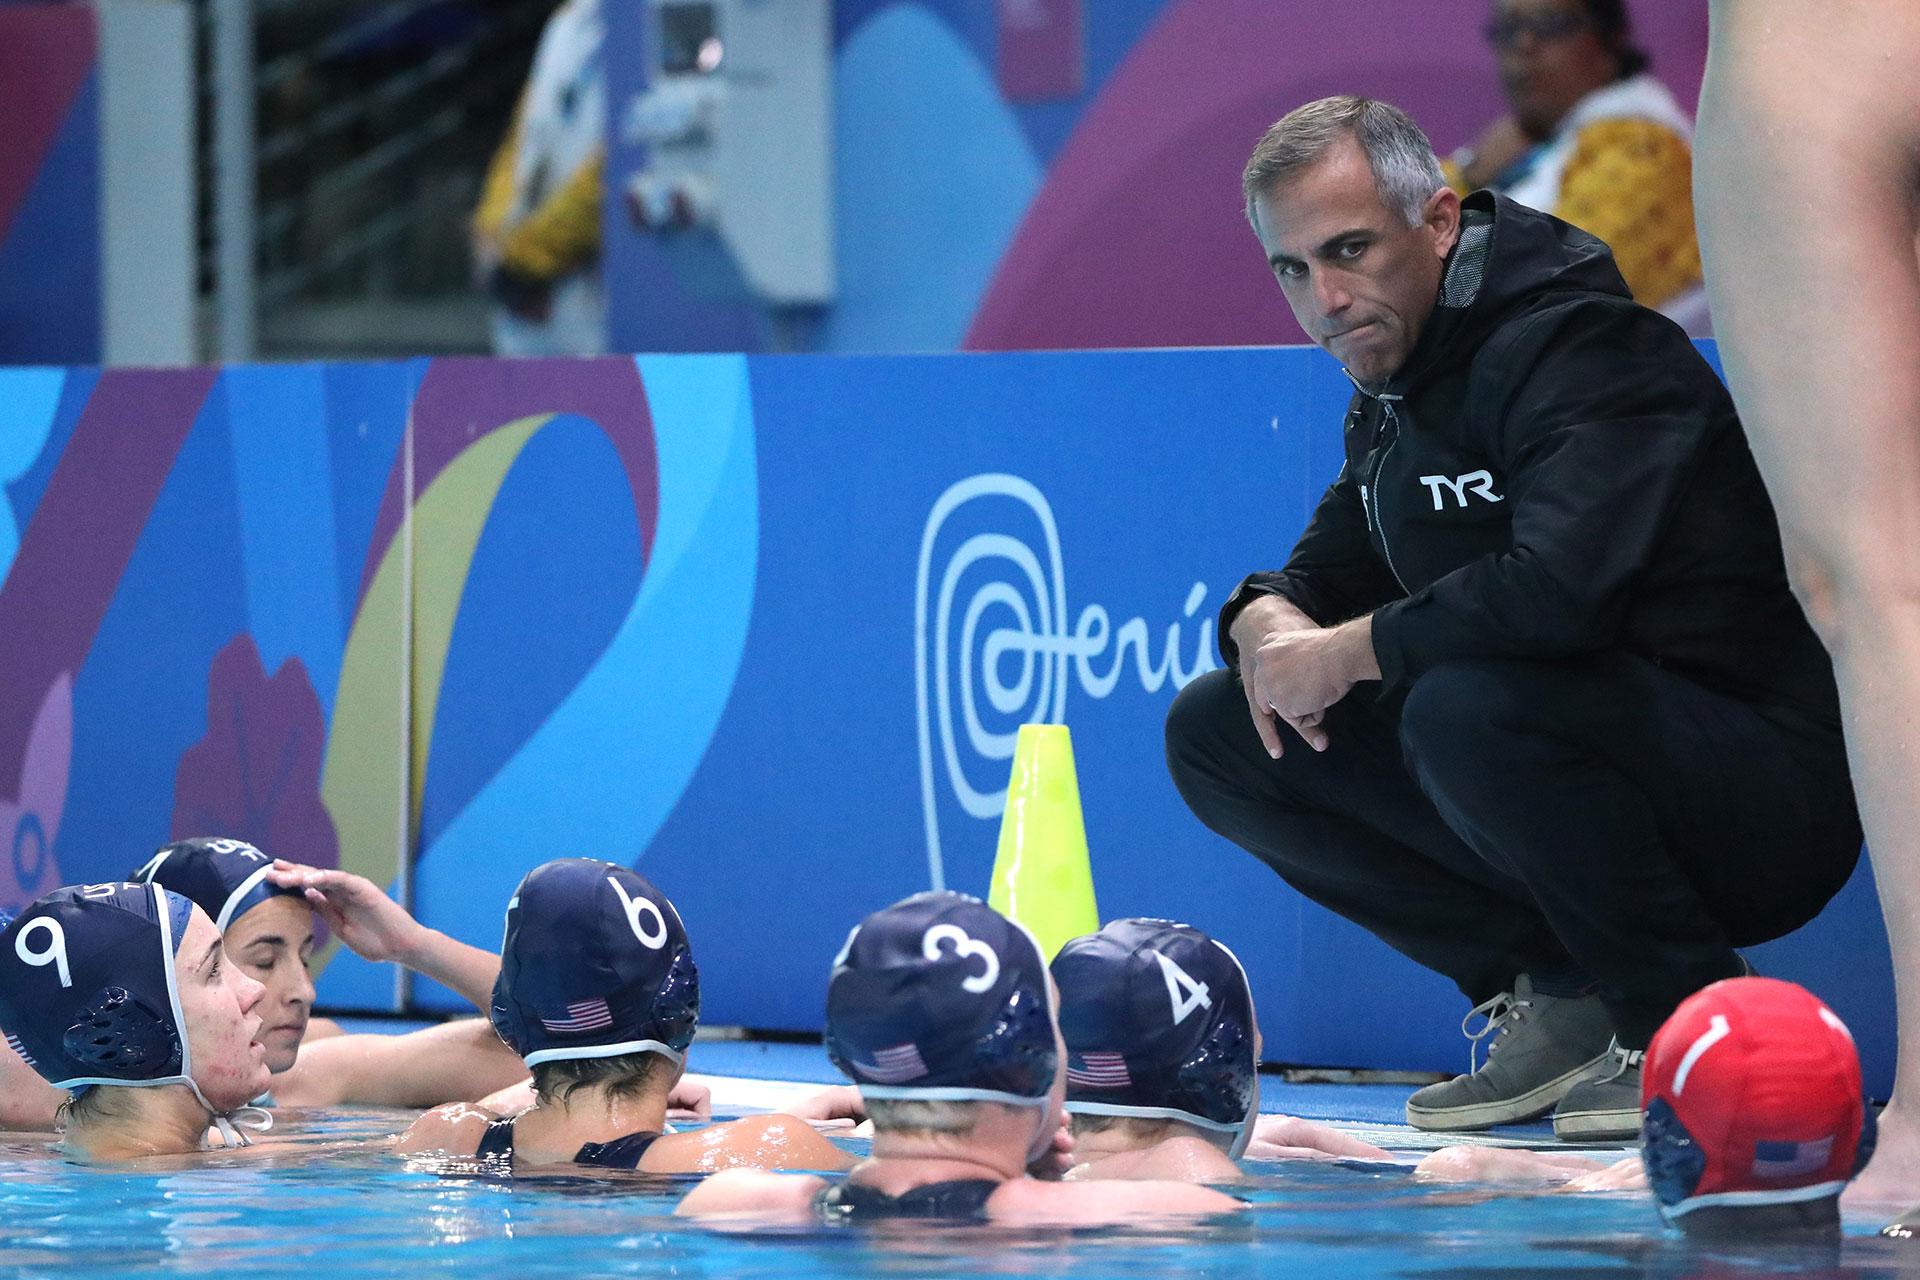 El técnico de Estados Unidos, Christopher Oeding, le habla a sus jugadores durante el partido ante Canadá de waterpolo